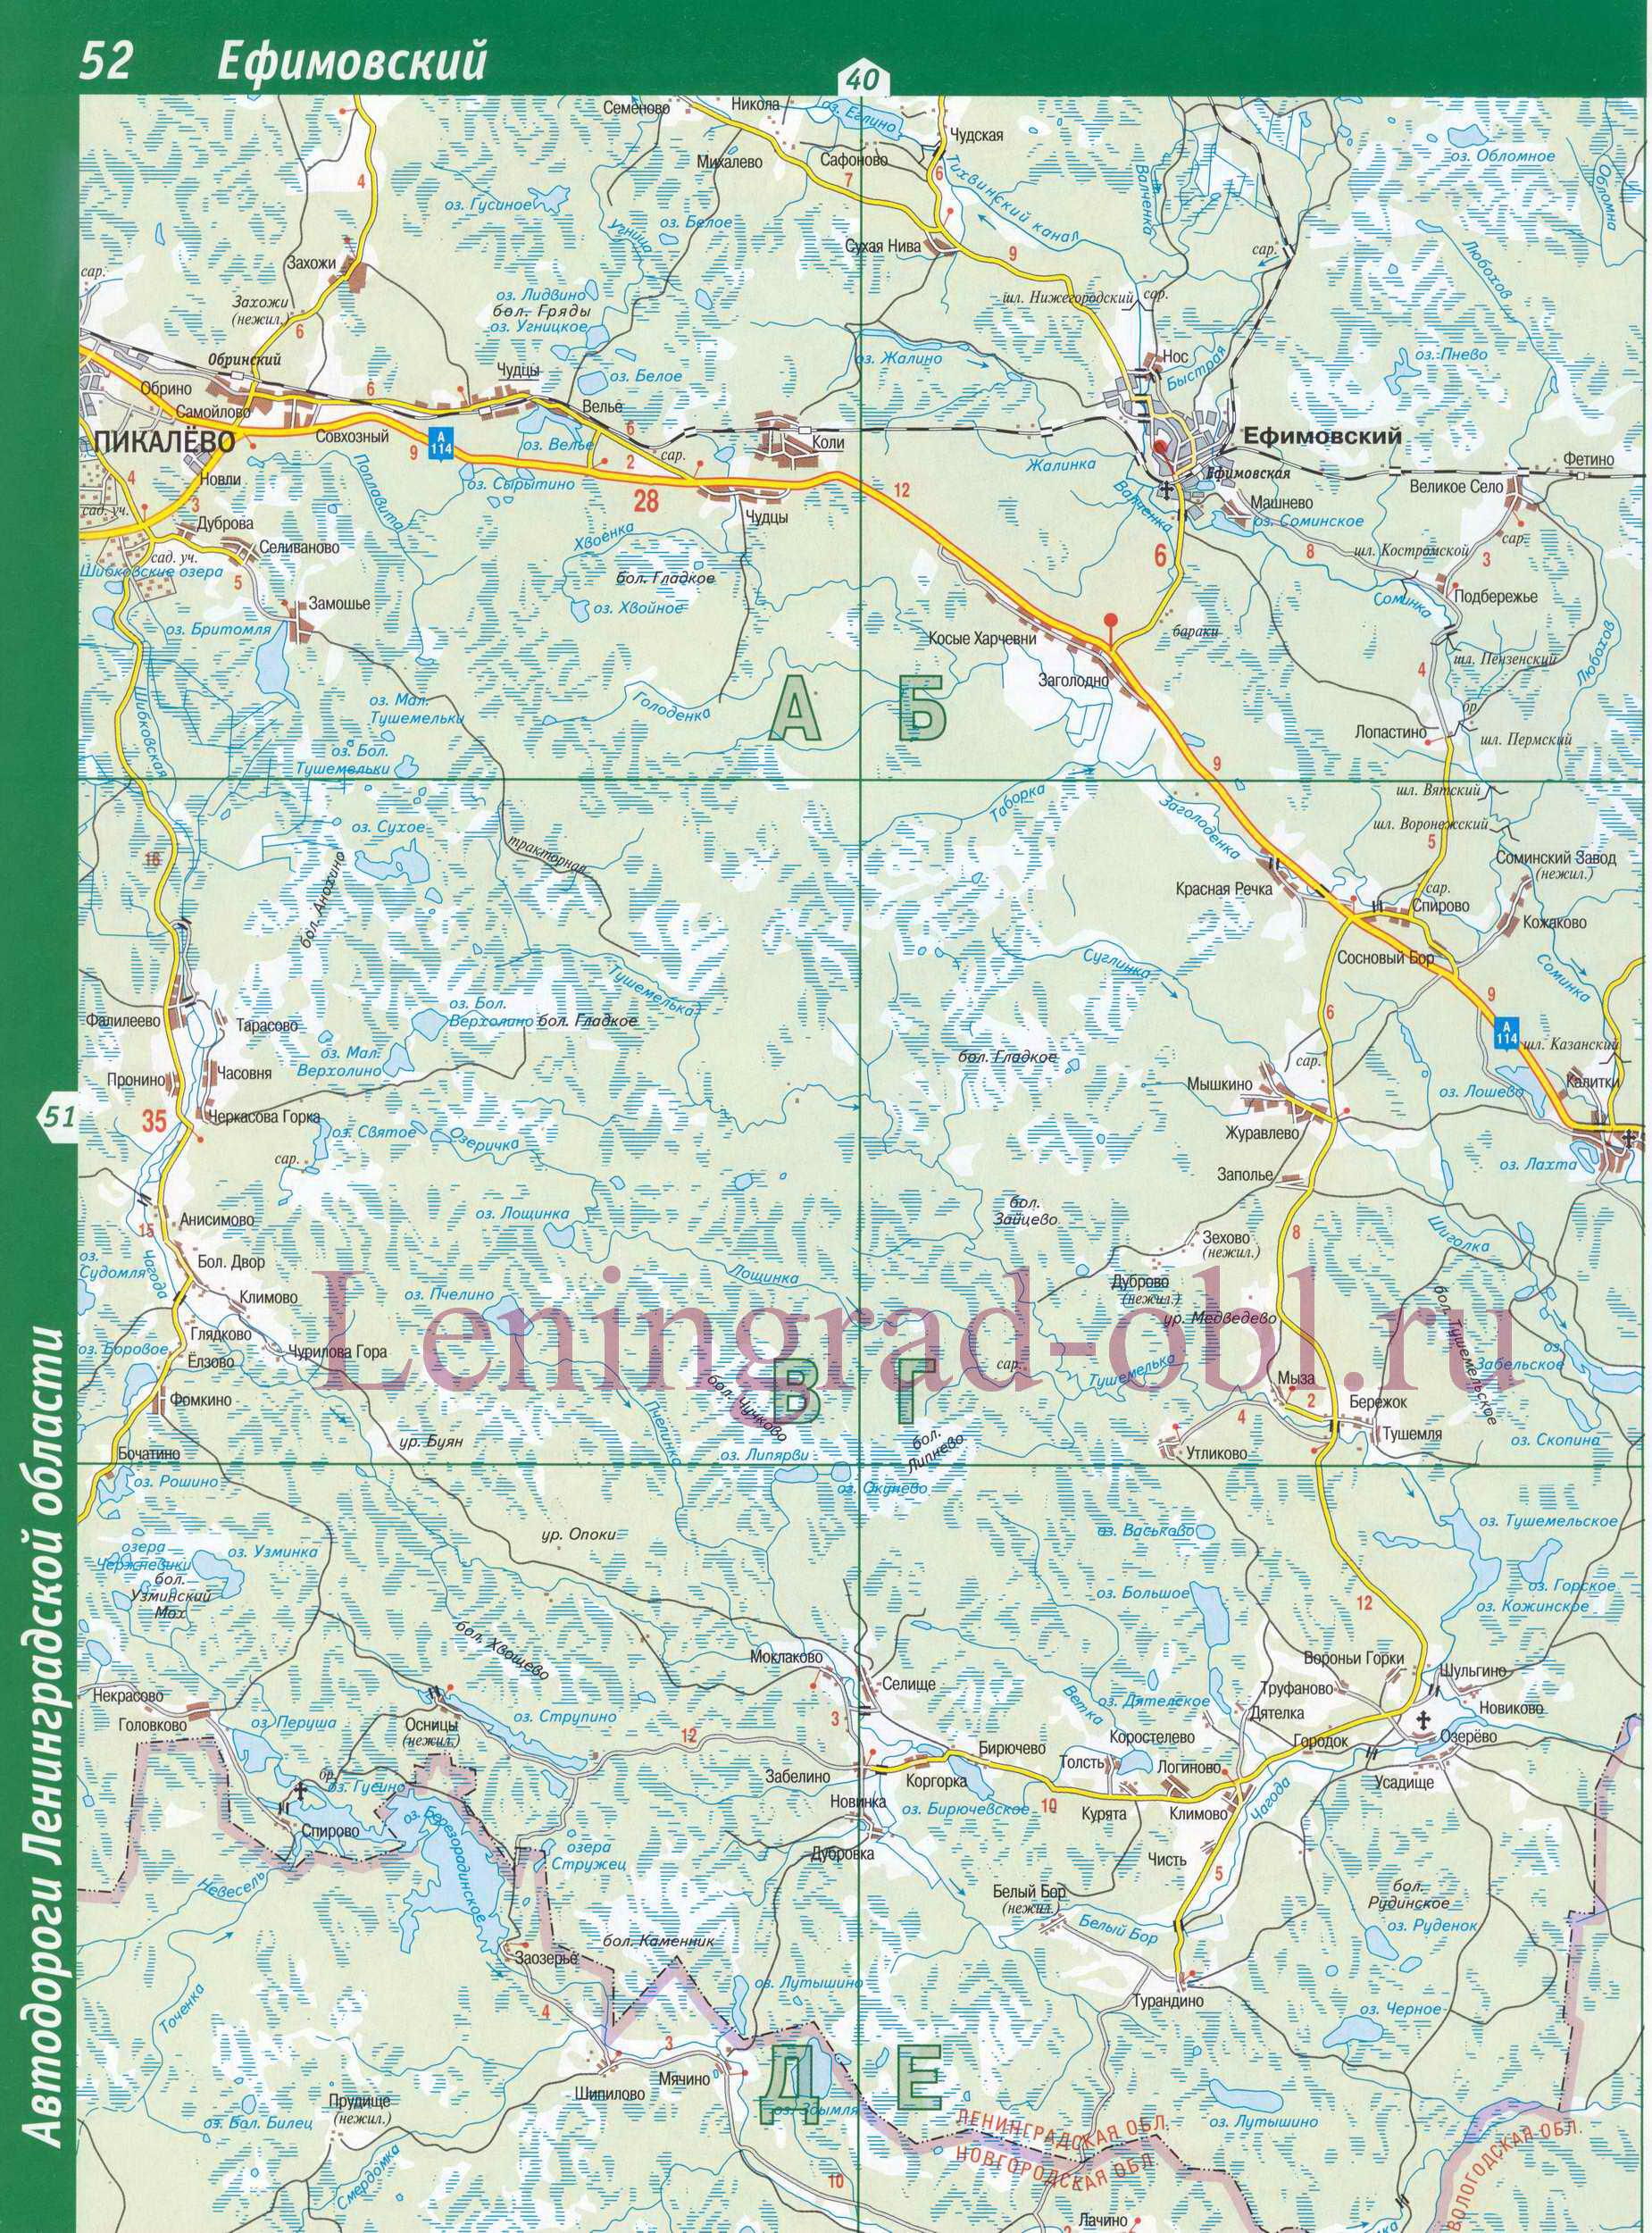 Карта Бокситогорского района. Детальная топографическая ...: http://leningrad-obl.ru/map648943_1_1.htm